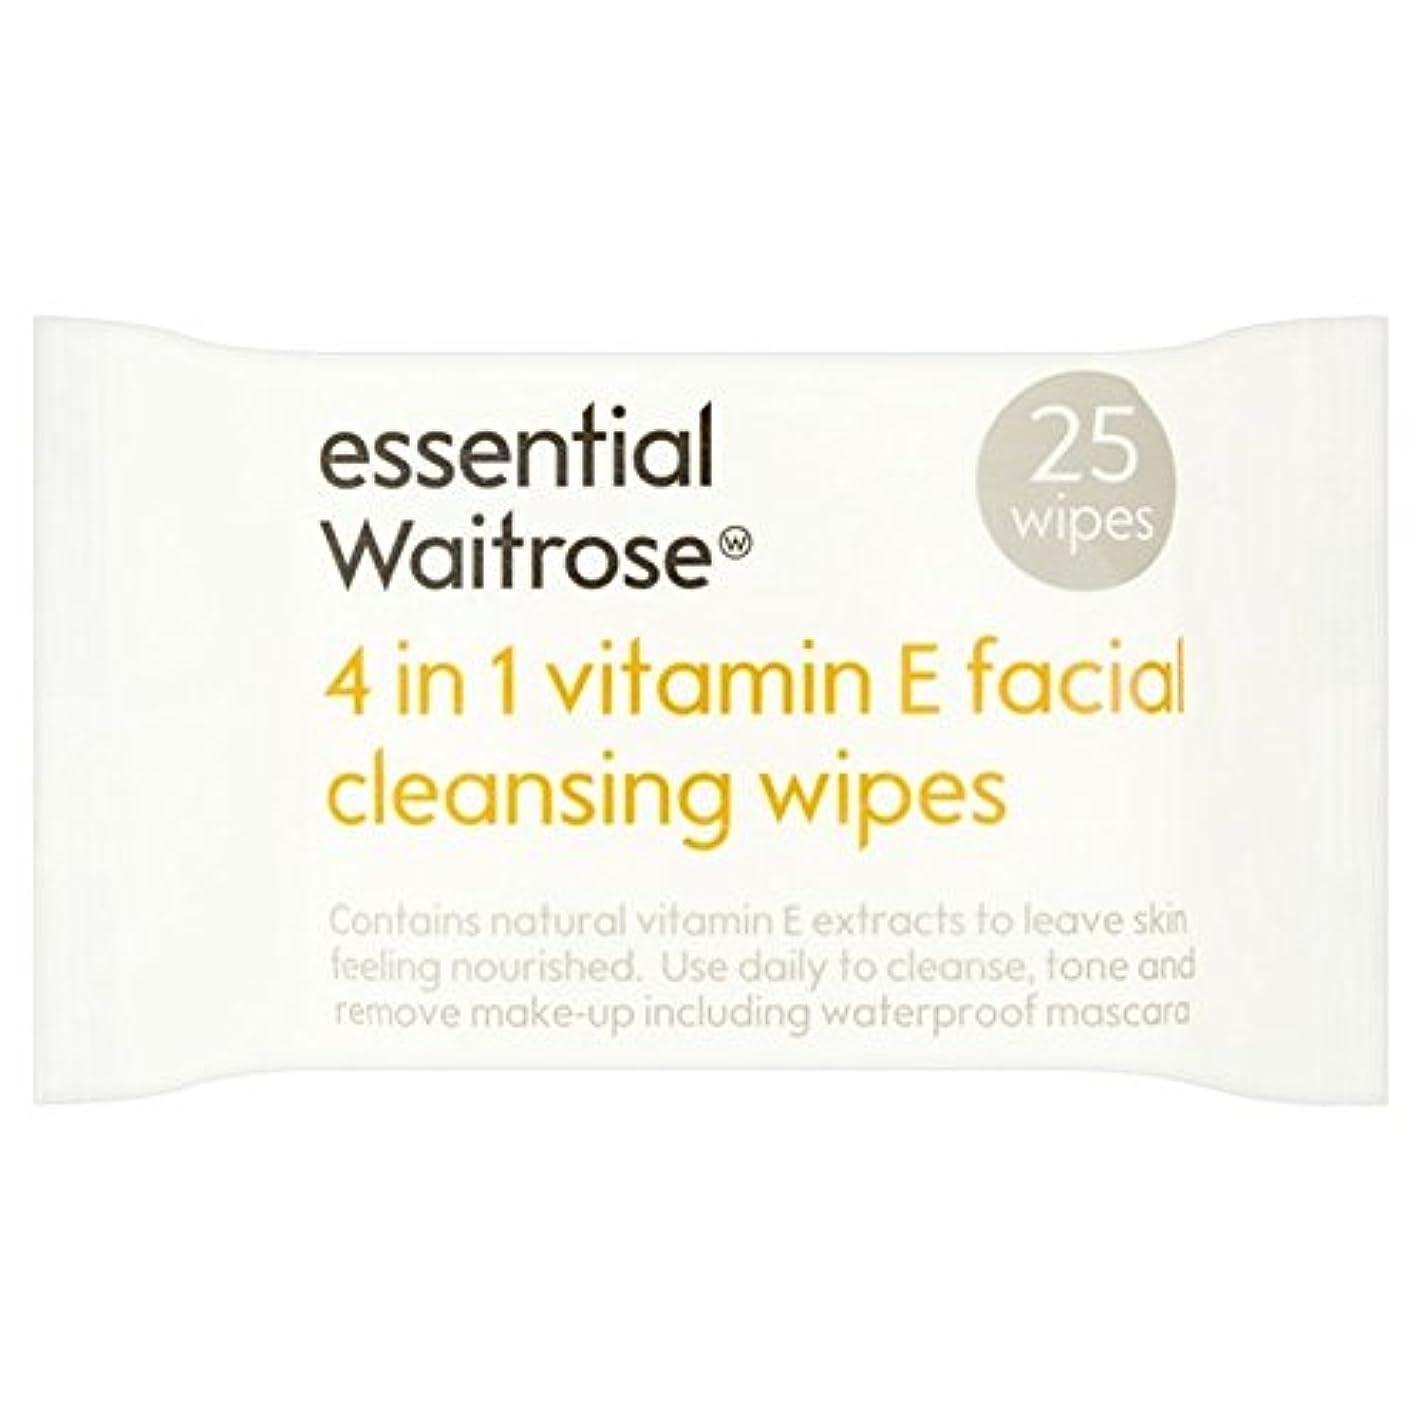 電子レンジ構築する凶暴なEssential 4 in 1 Cleansing Wipes Vitamin E Waitrose 25 per pack - 1つのクレンジングで4不可欠パックあたりのビタミンウェイトローズ25ワイプ [並行輸入品]